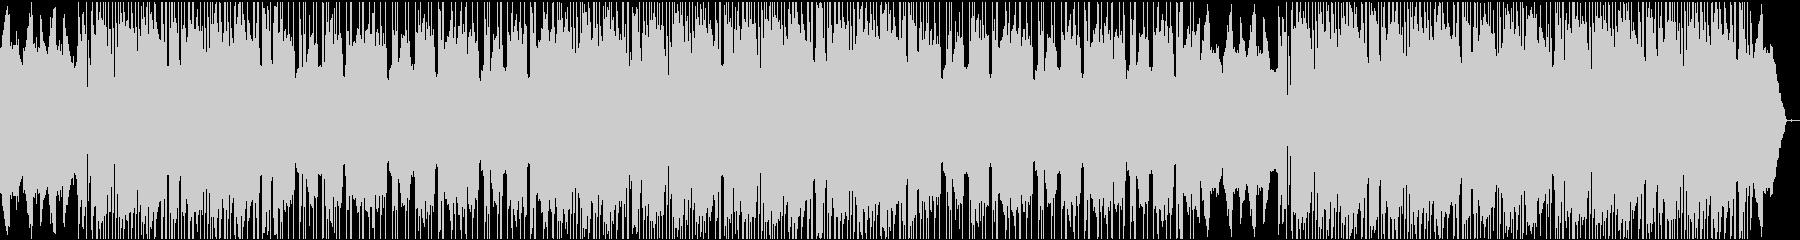 優しい感じのインストHIPHOP系ビートの未再生の波形